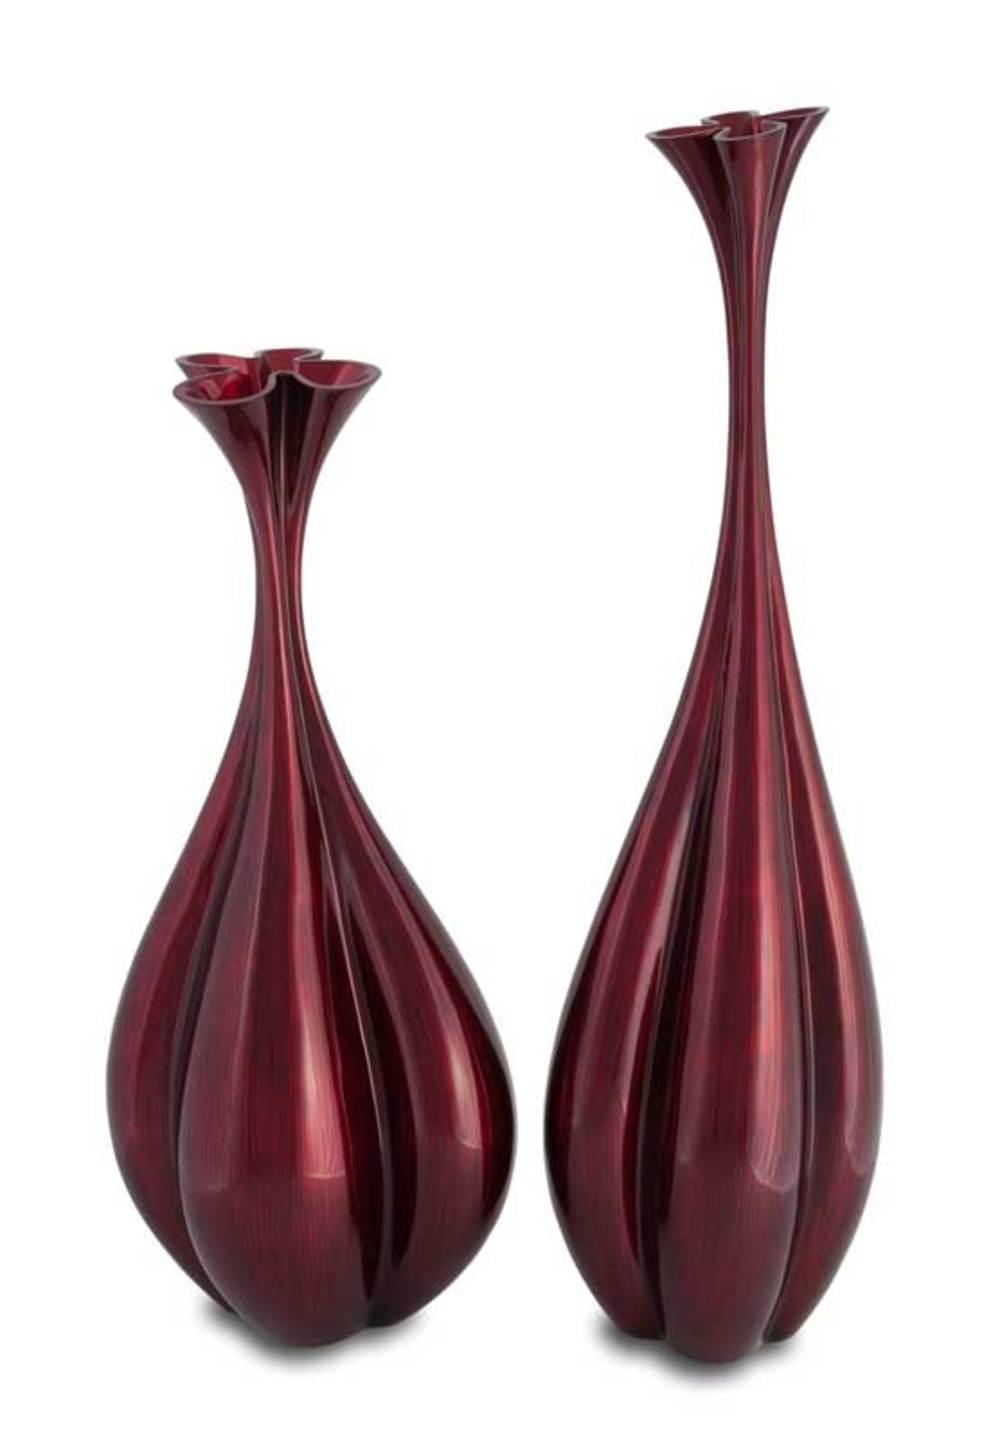 Hebi Arts - Clover Floor Vase